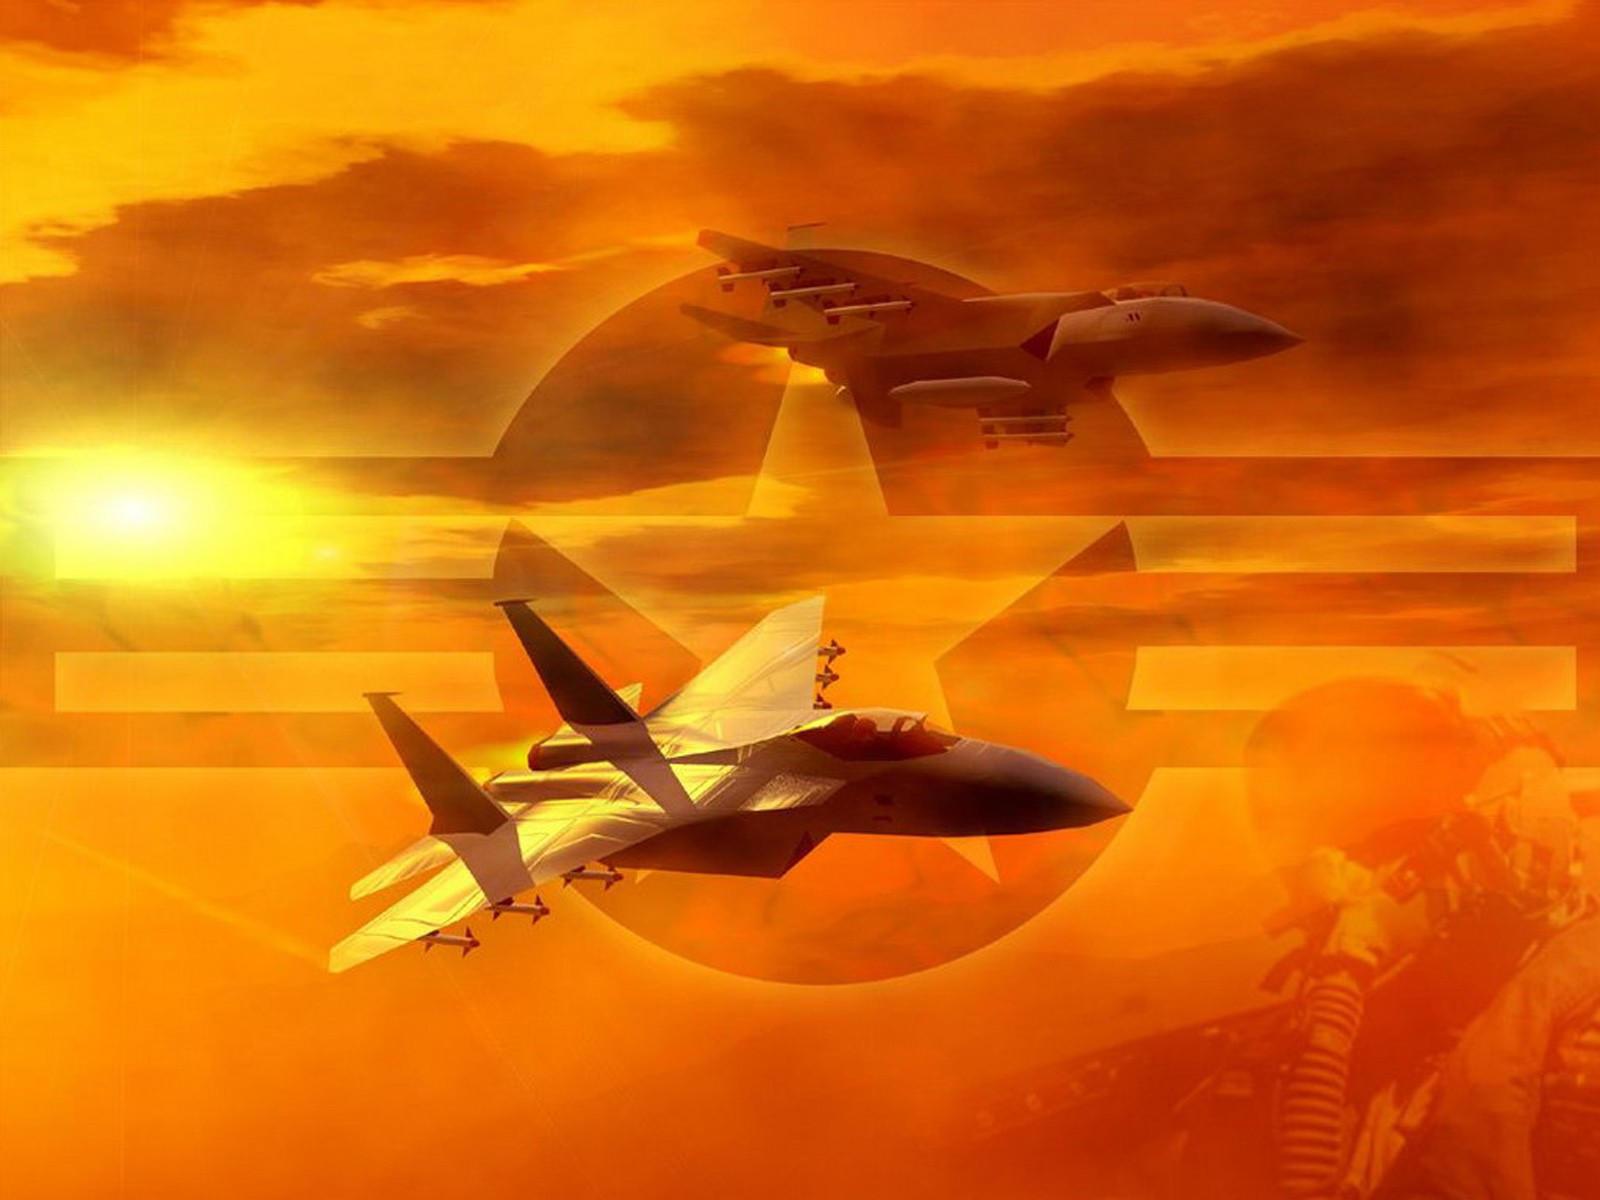 Фон для открытки для мужчины с самолетами, утро картинки красивые